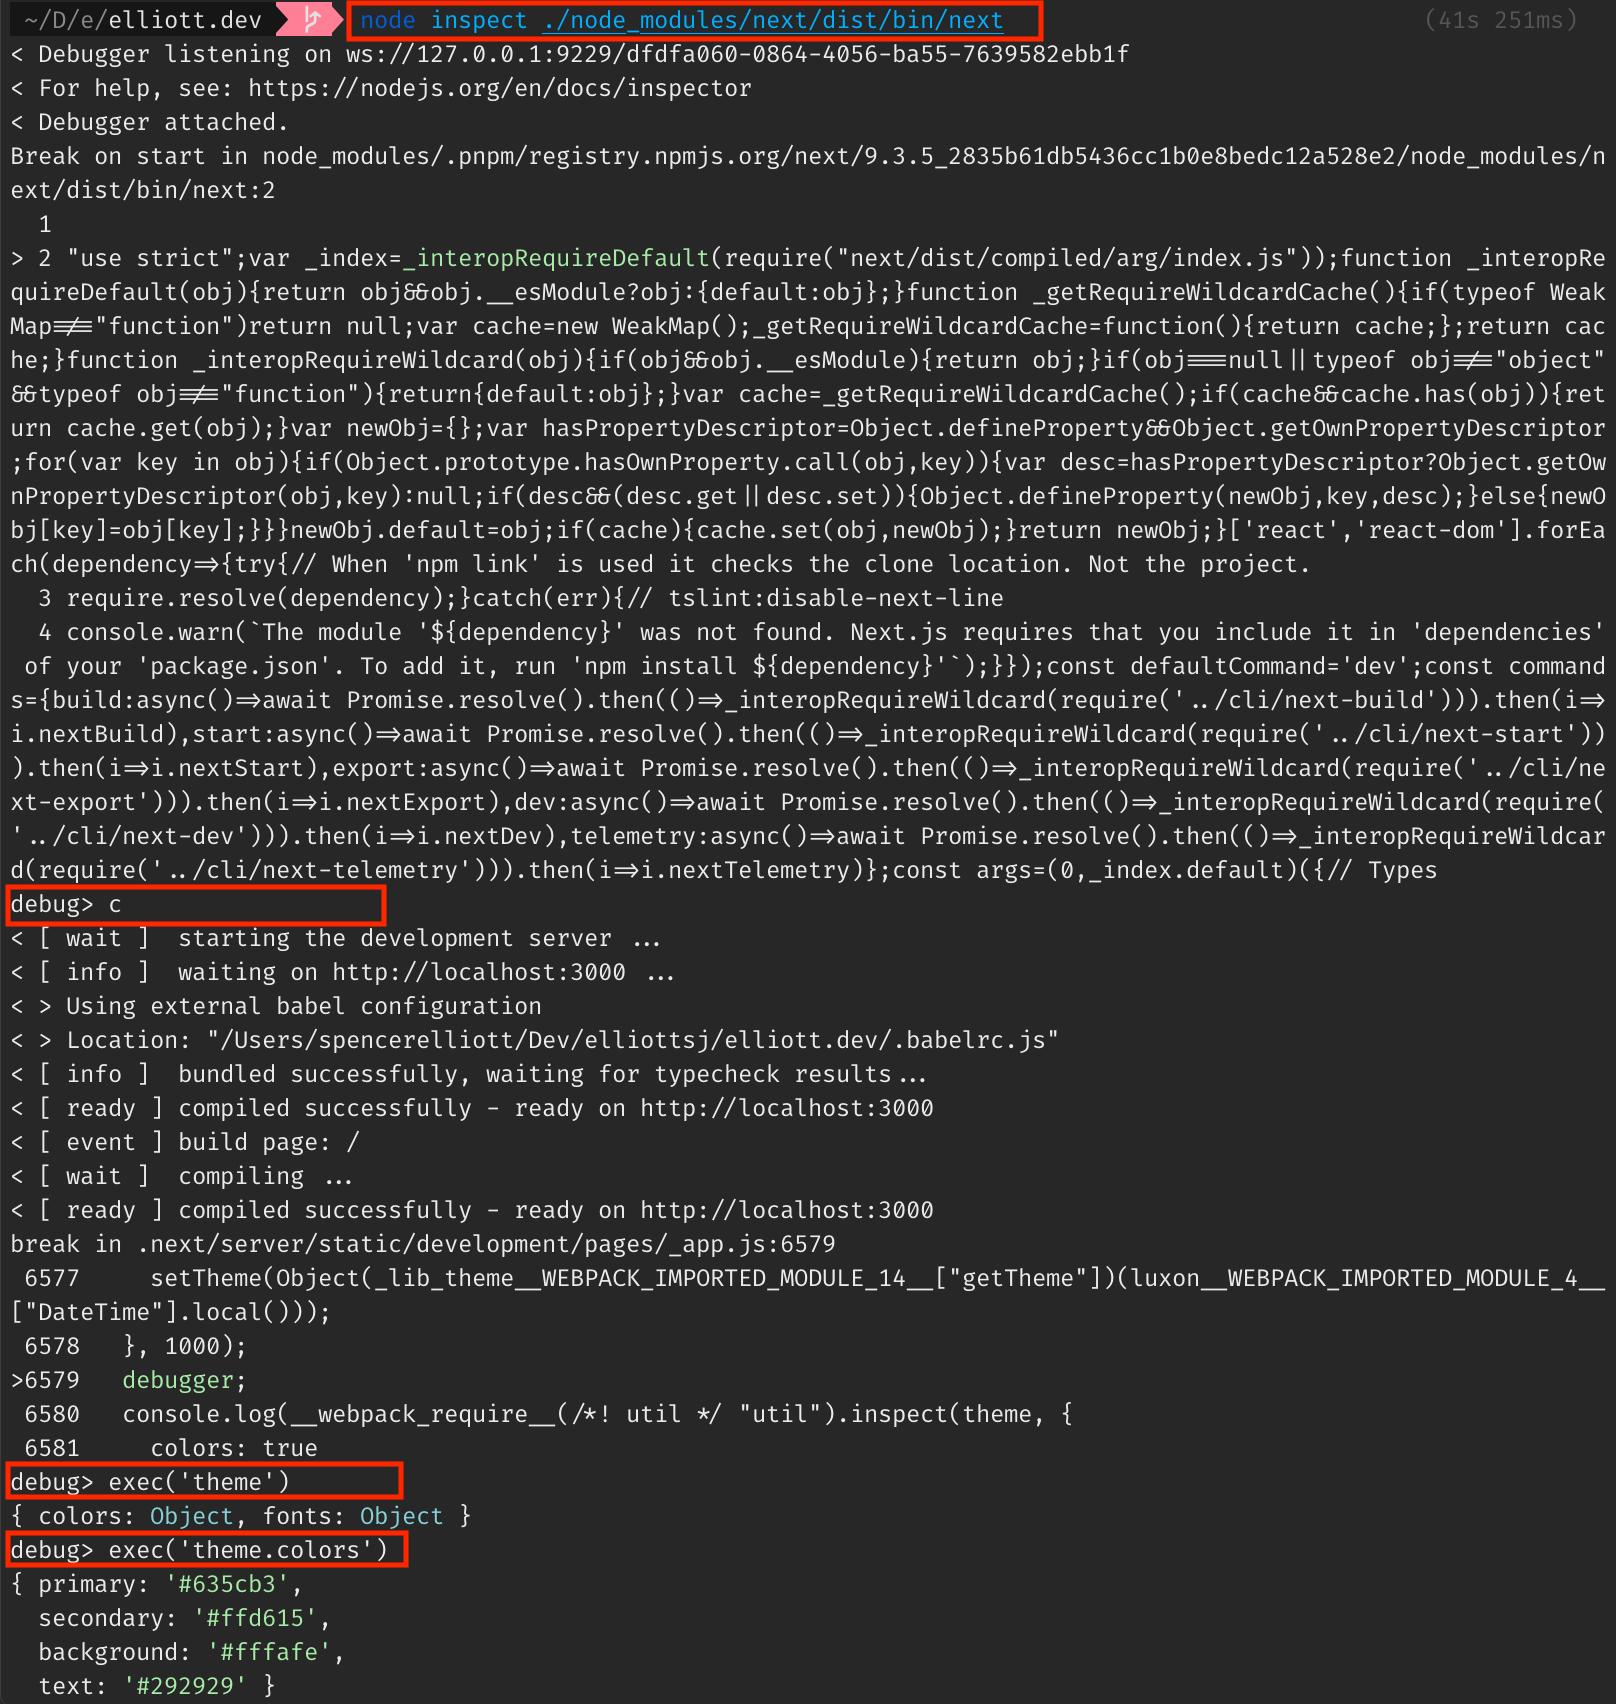 node inspect